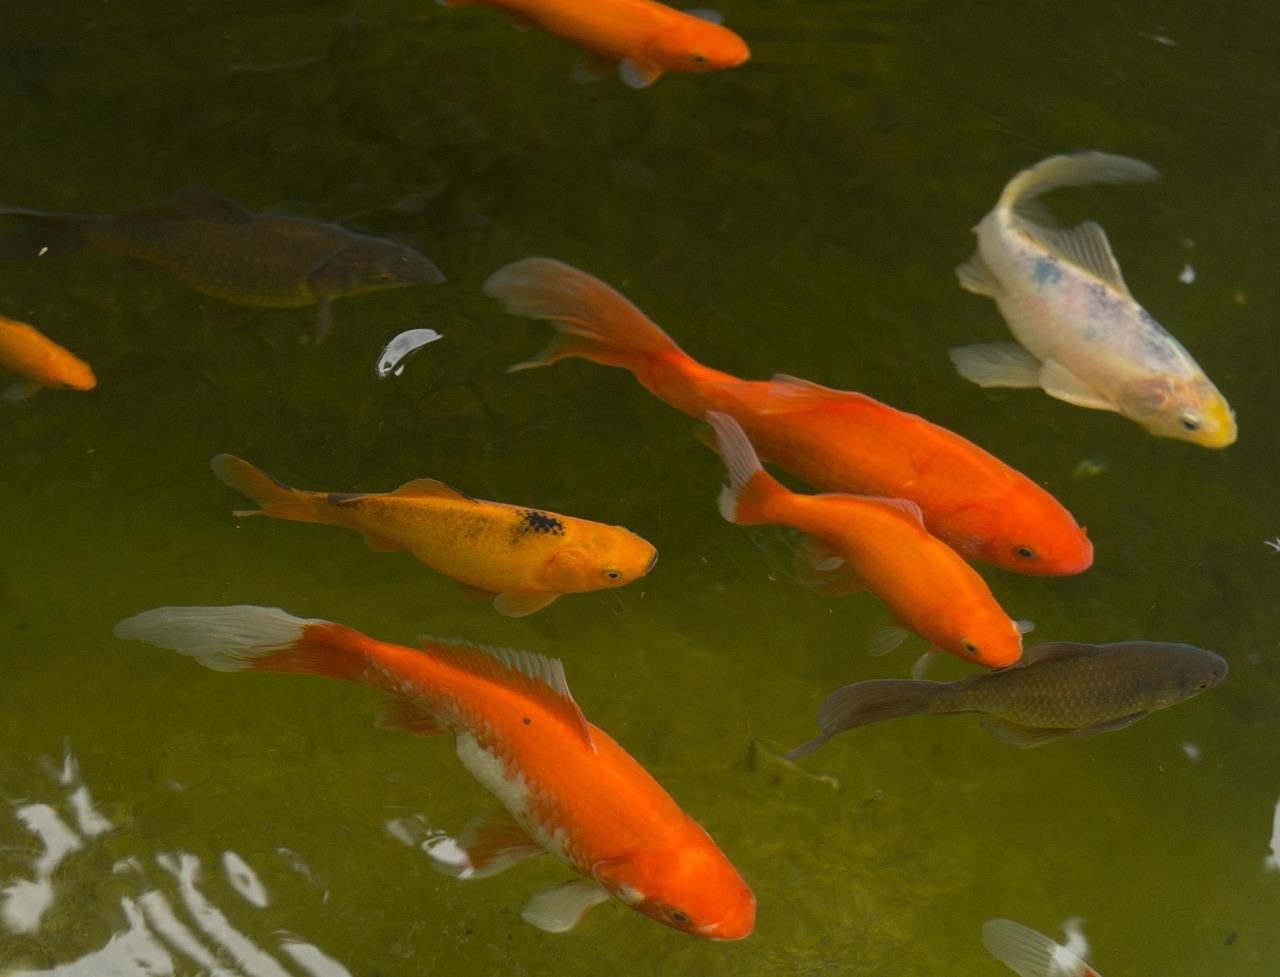 Bassin A Poisson Rouge bassin de jardin poisson rouge - photo gratuite sur pixabay